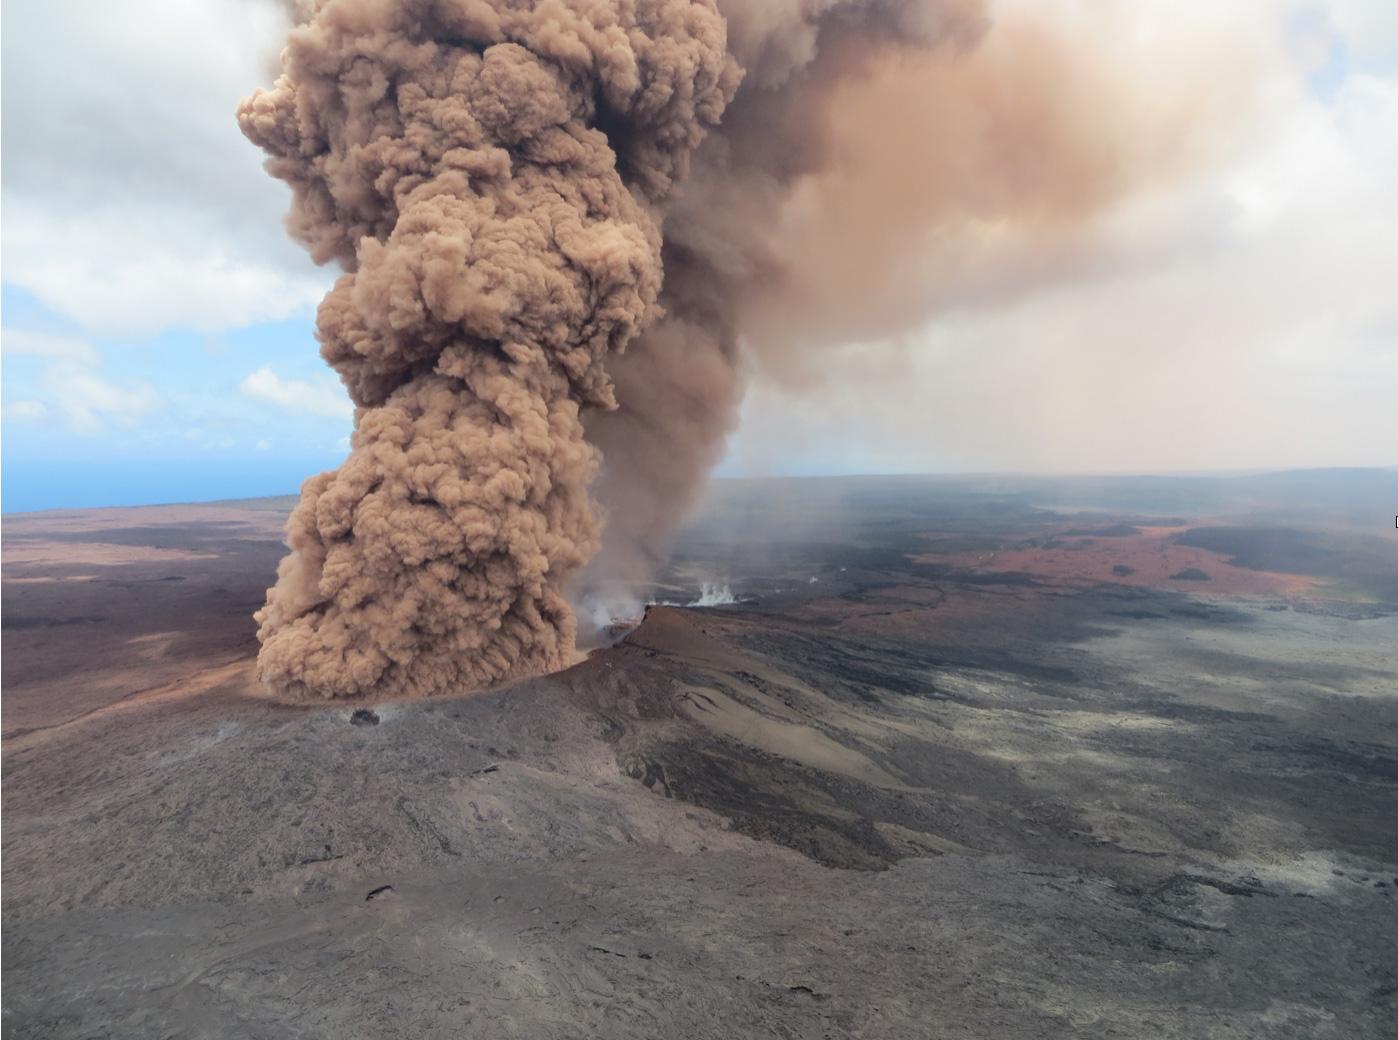 A las 12:46 p.m., horario de Hawái, una robusta columna de cenizas de color rojiza-marrón apareció después de un terremoto en el Flanco Sur de Kïlaueacon una magnitud de 6.9, que golpeó a la Gran Isla de Hawái.